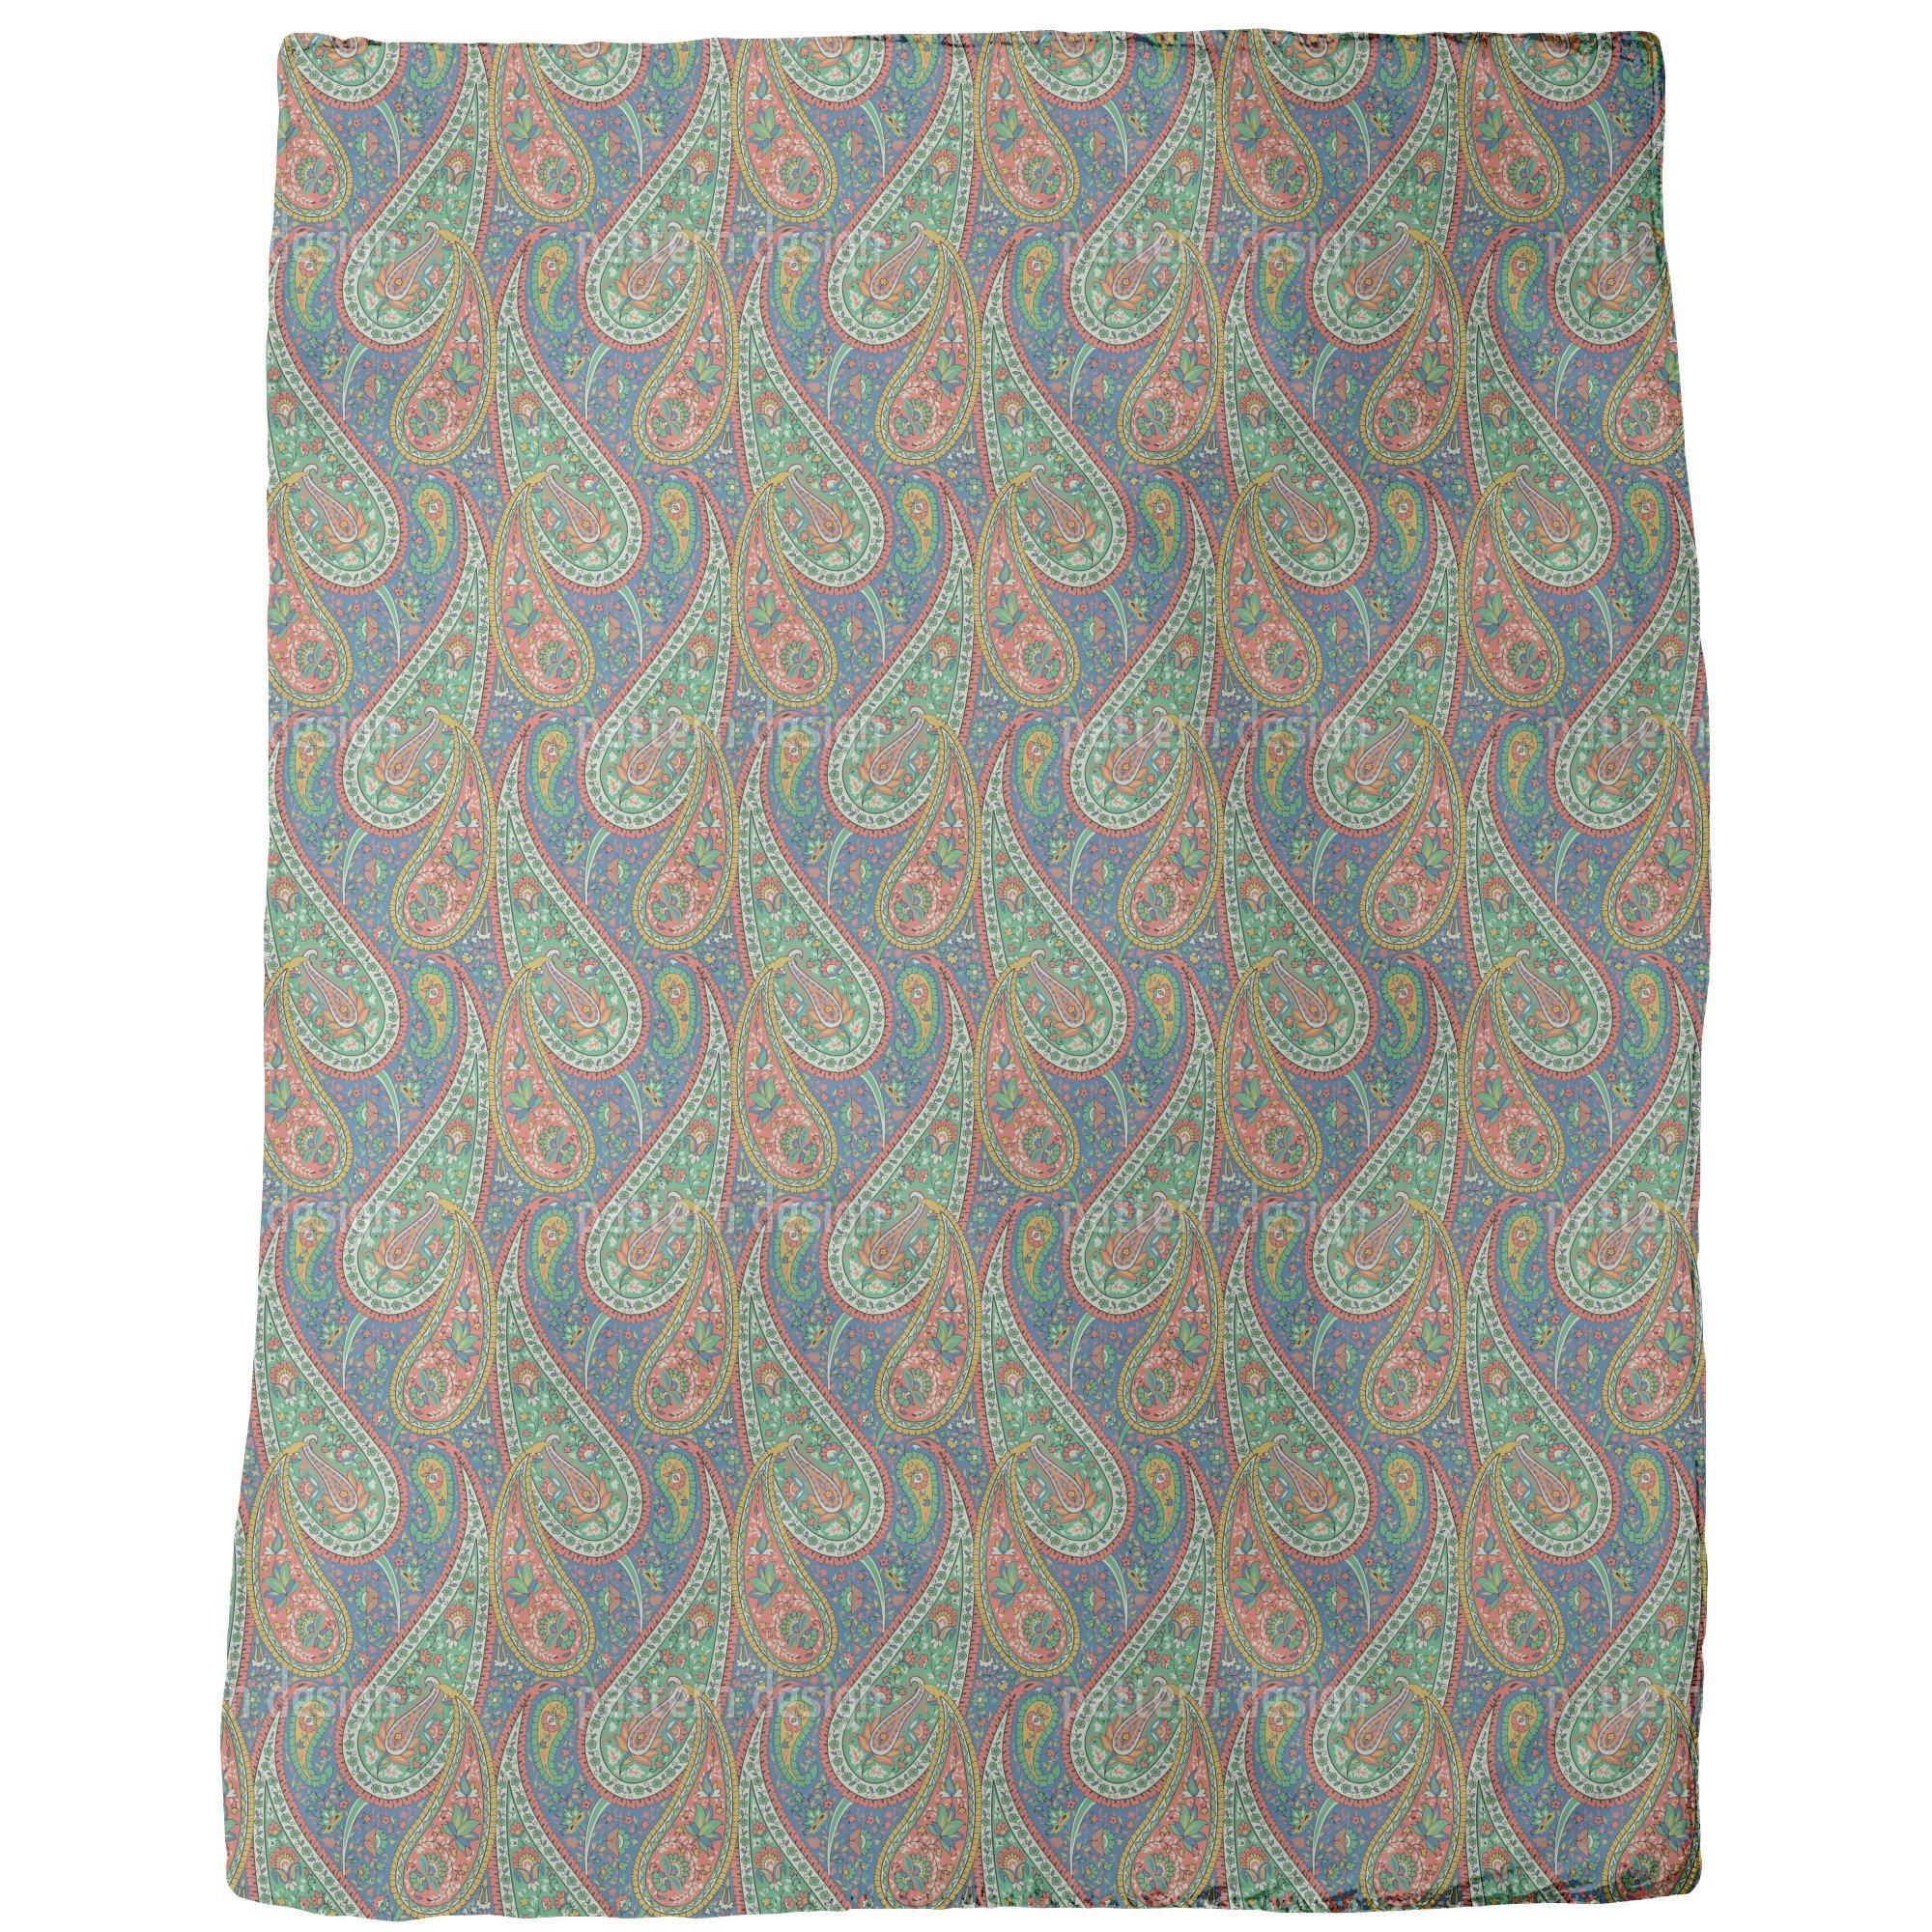 Filigree Paisley Blanket: Large by uneekee (Image #1)